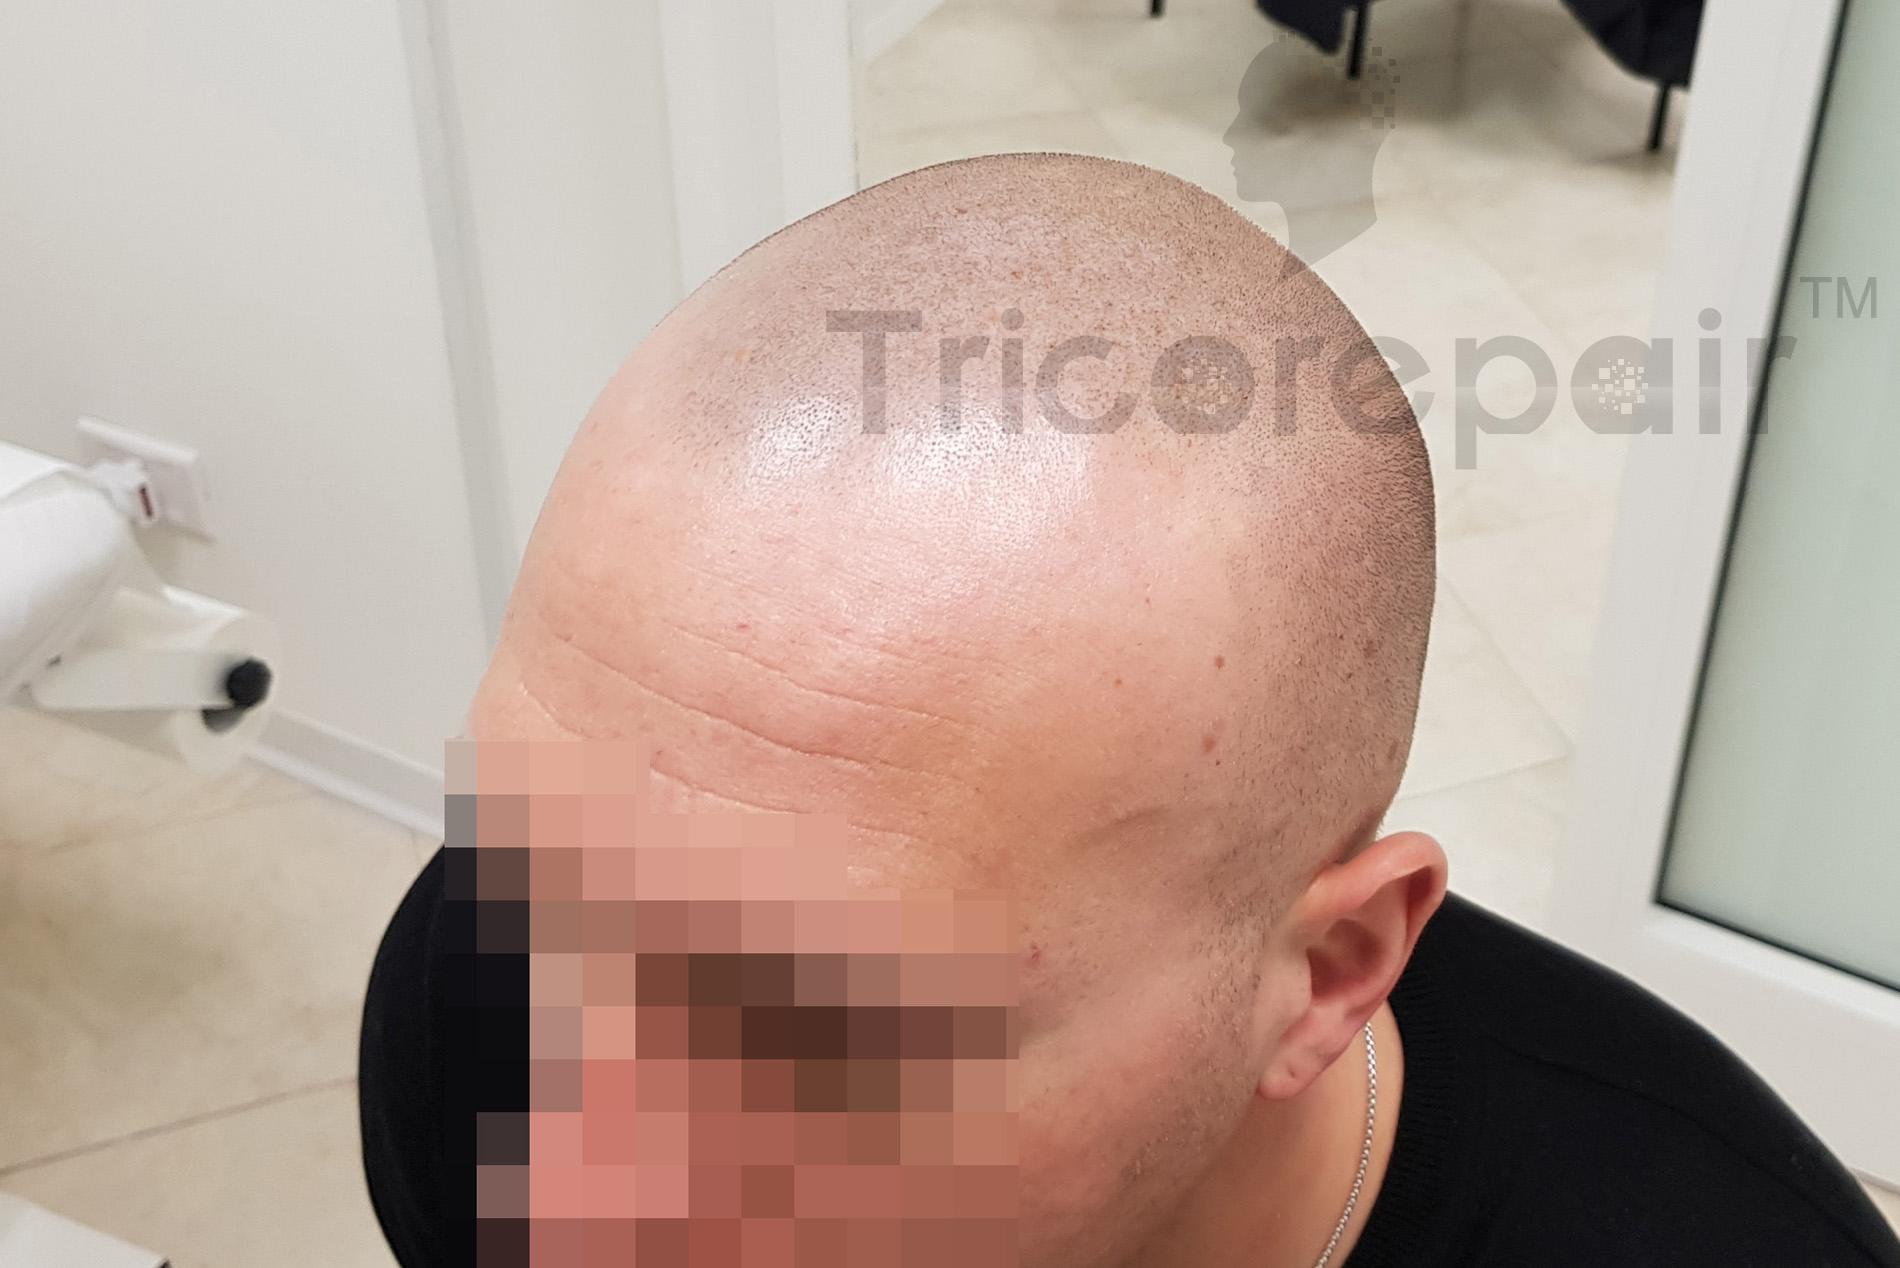 Effetto rasato naturale - Dopo la tricopigmentazione